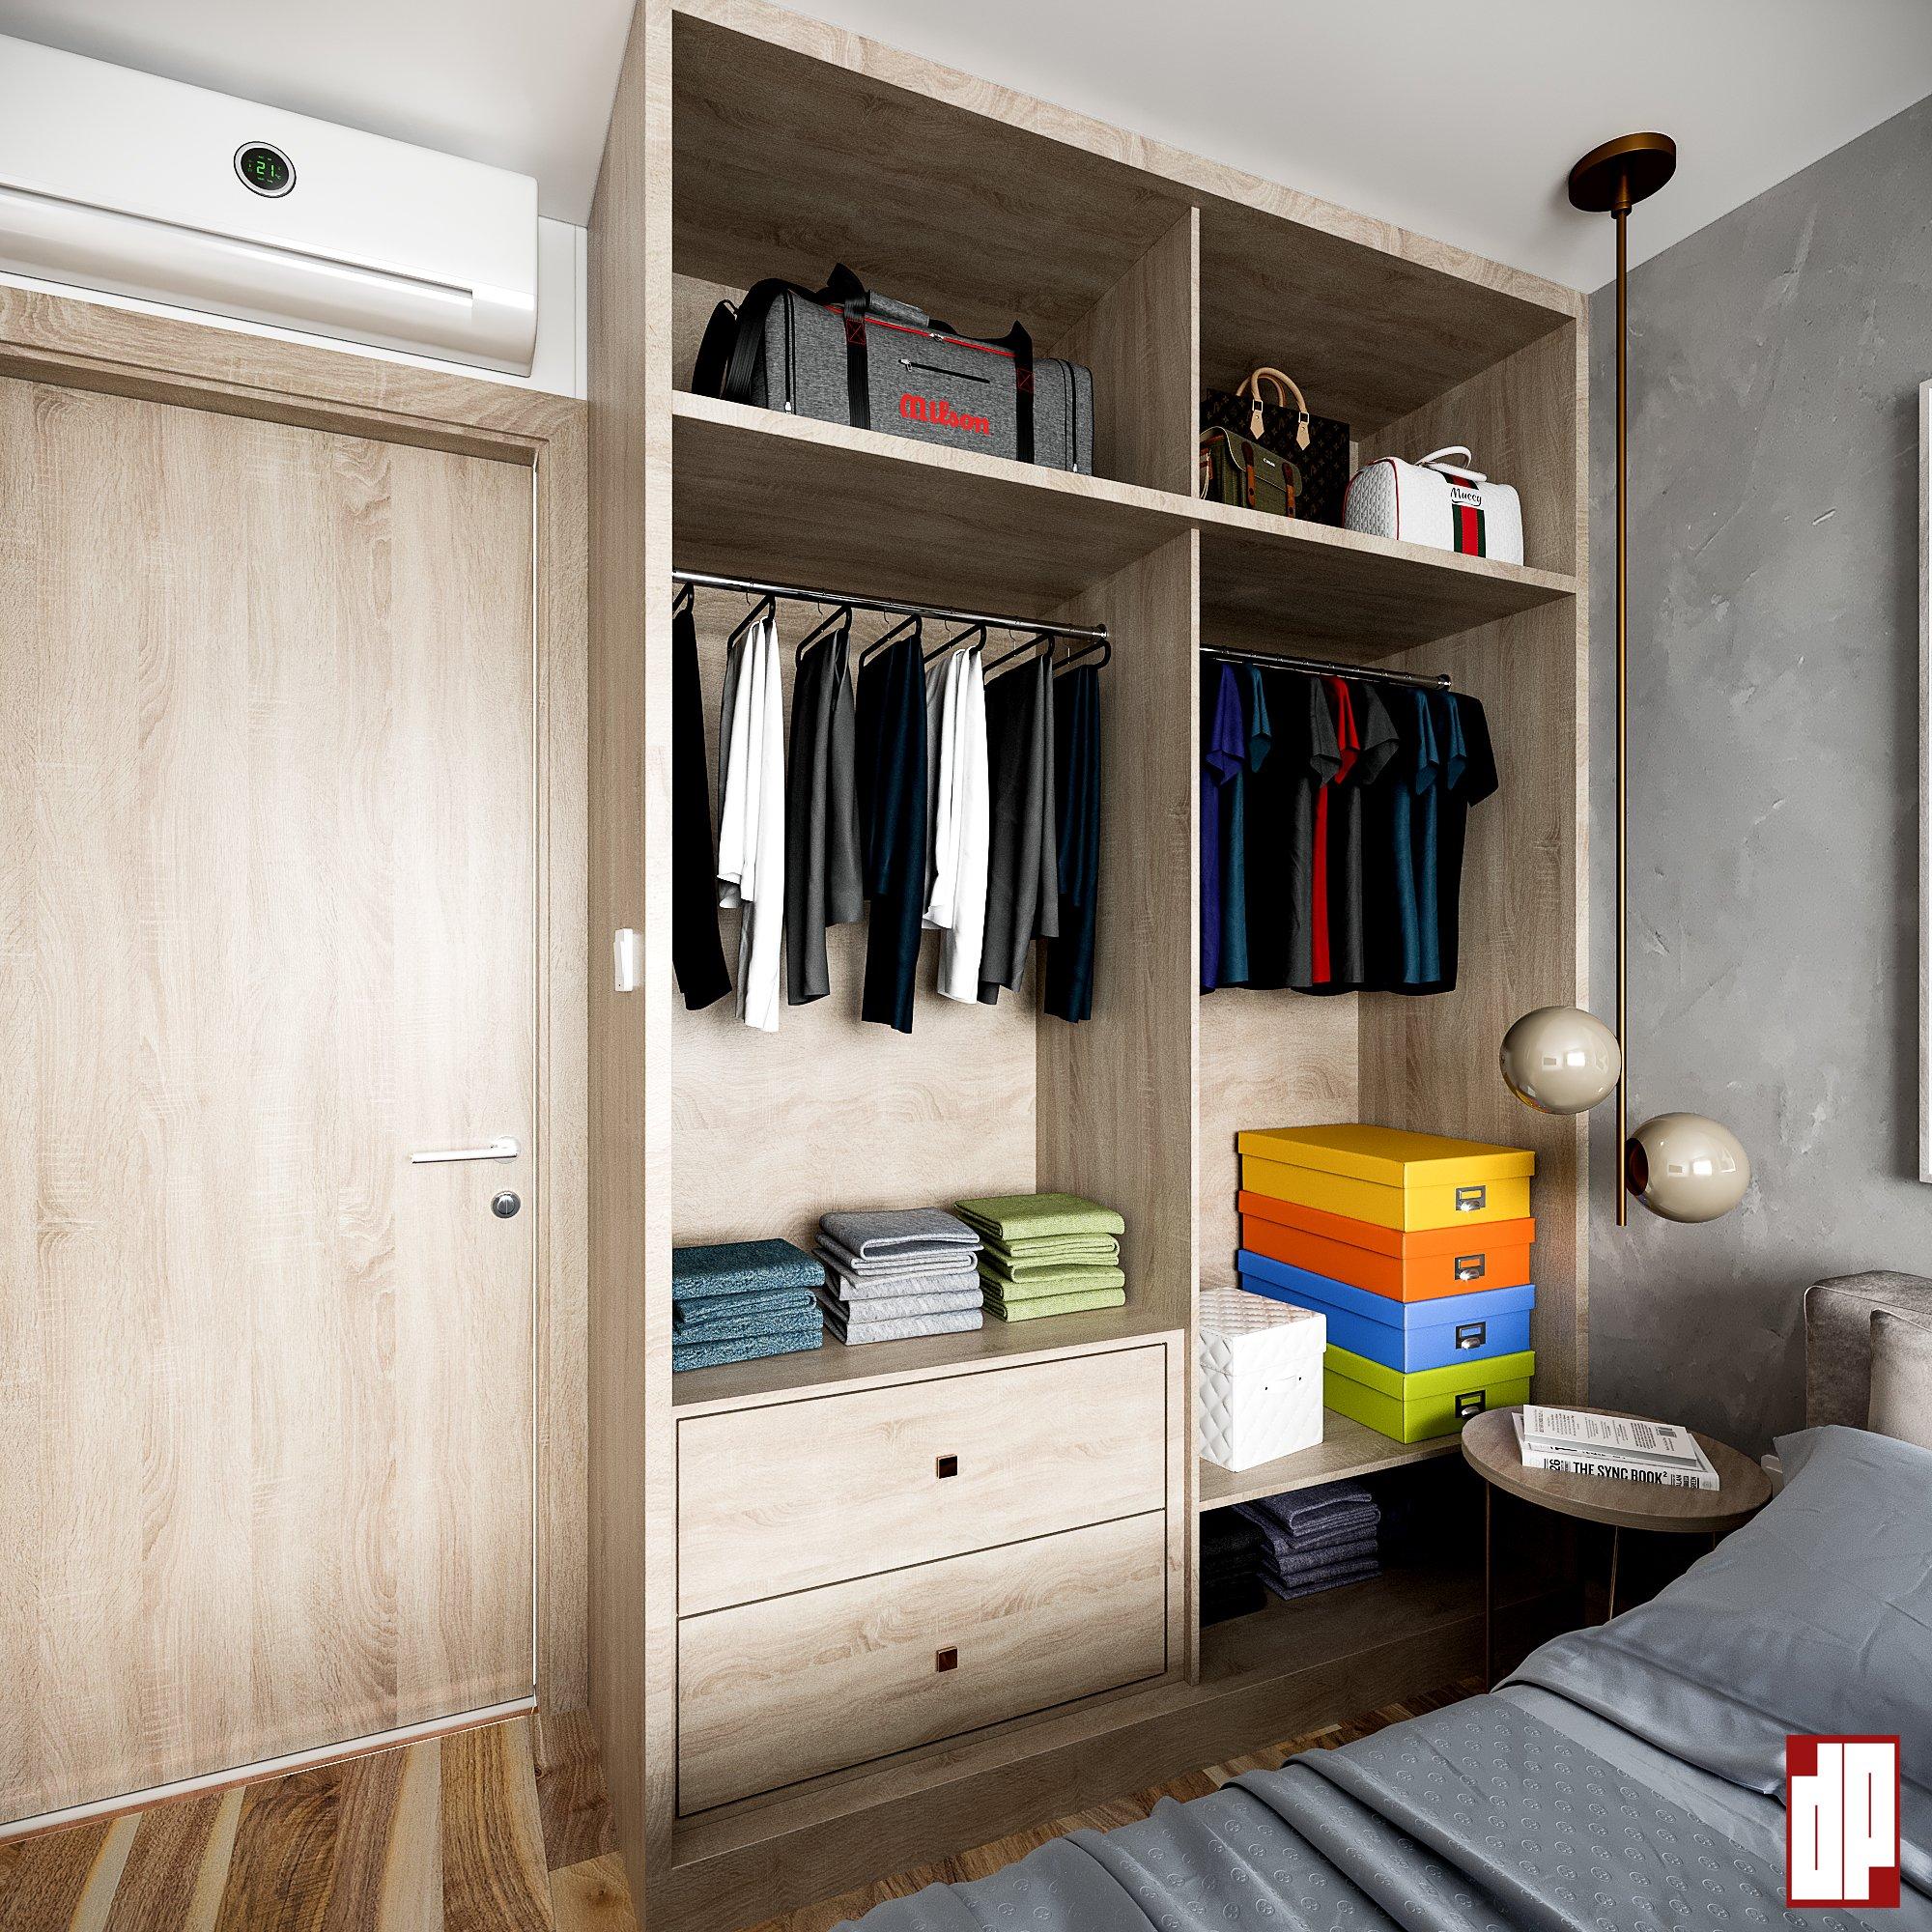 Thiết kế nội thất Chung Cư tại Hồ Chí Minh CHUNG CU VINHOME CENTRAL PARK-Q9_BEDROOM 1630833010 3